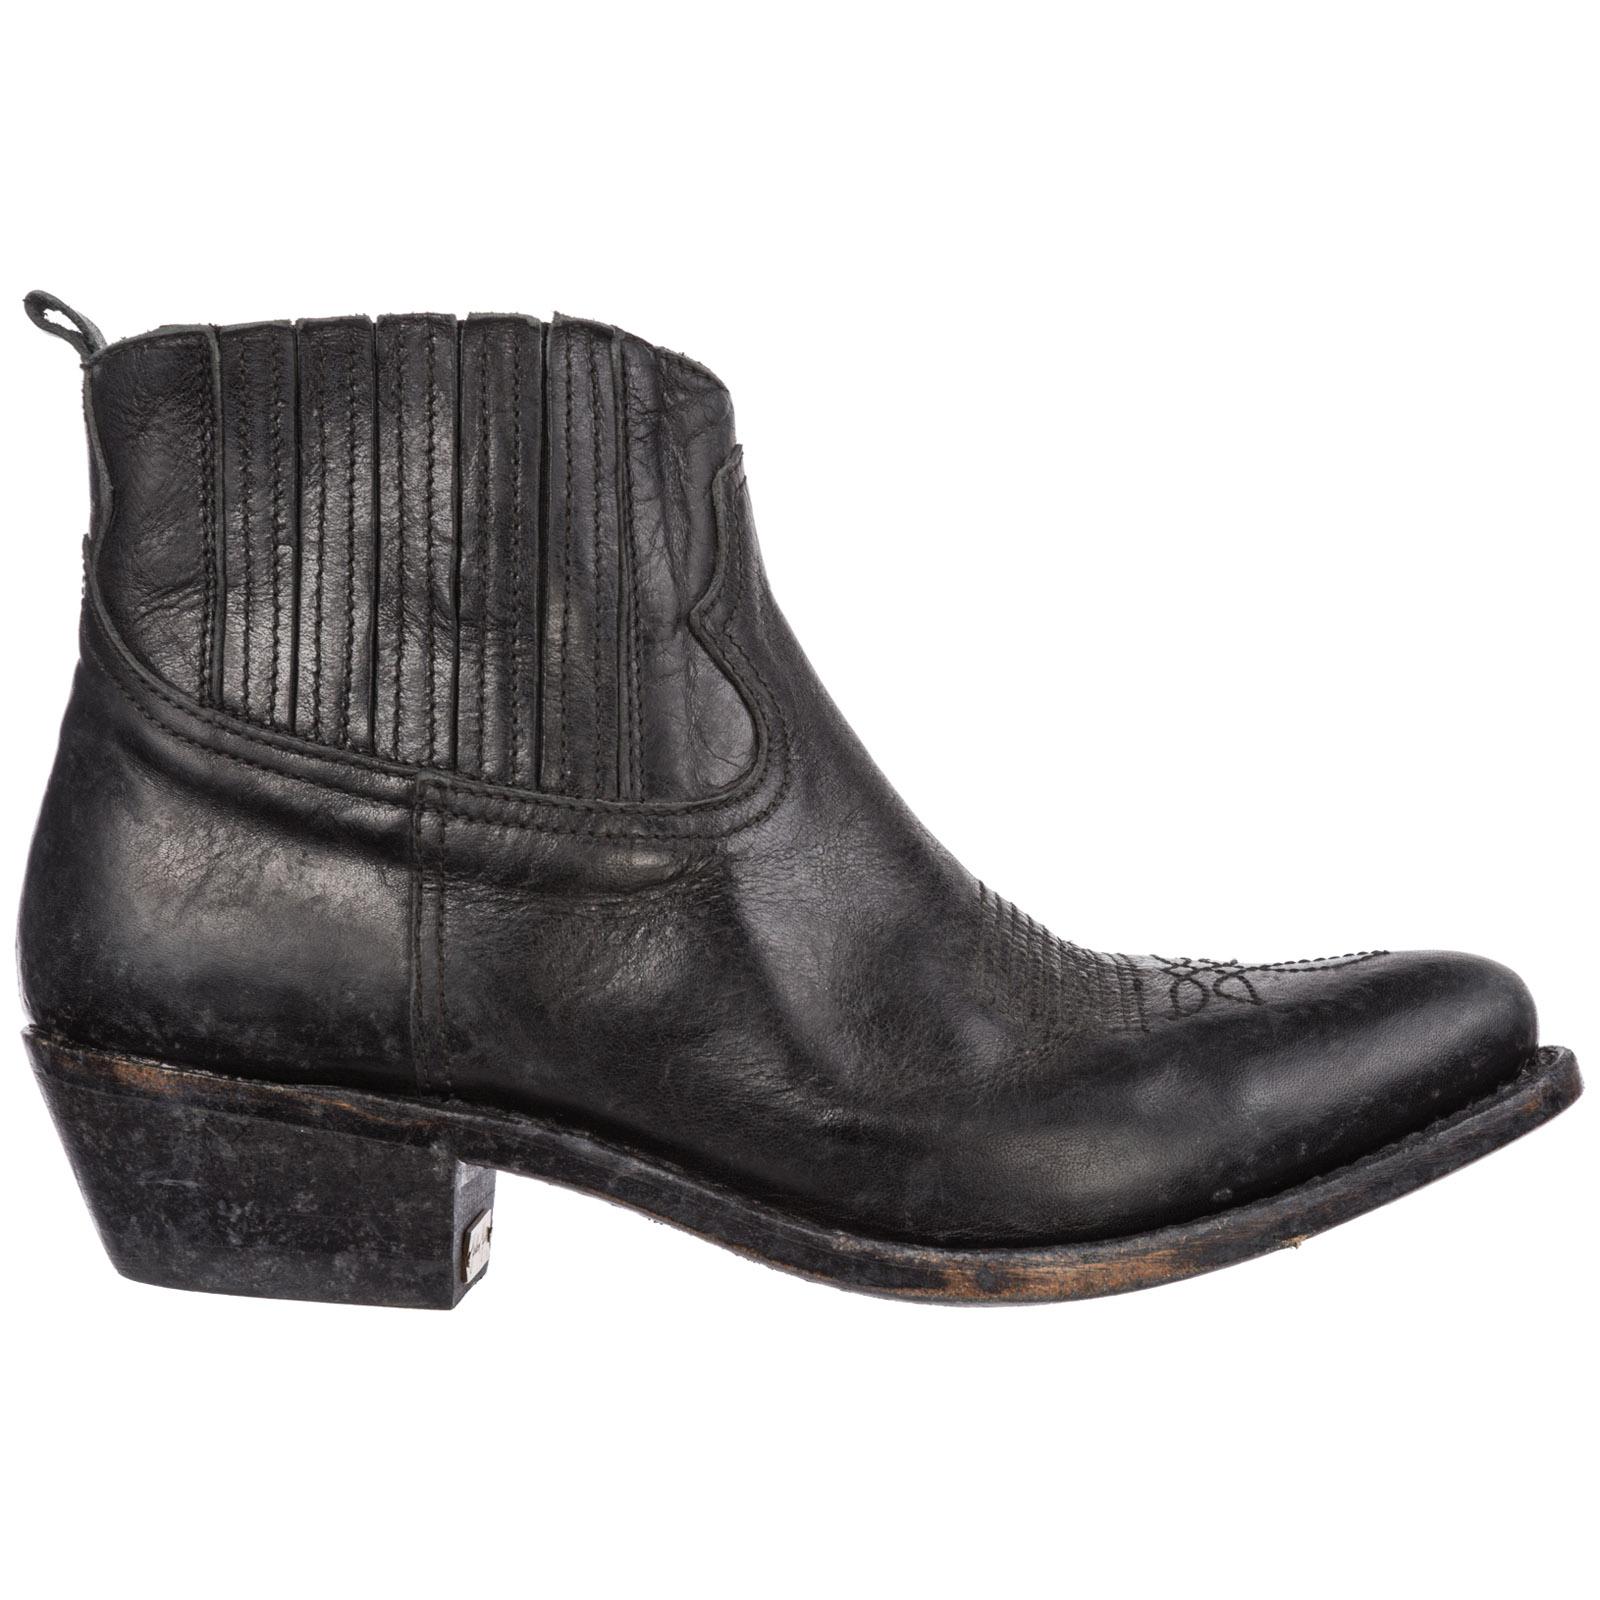 c6a2f9b953 Stivaletti stivali donna con tacco in pelle